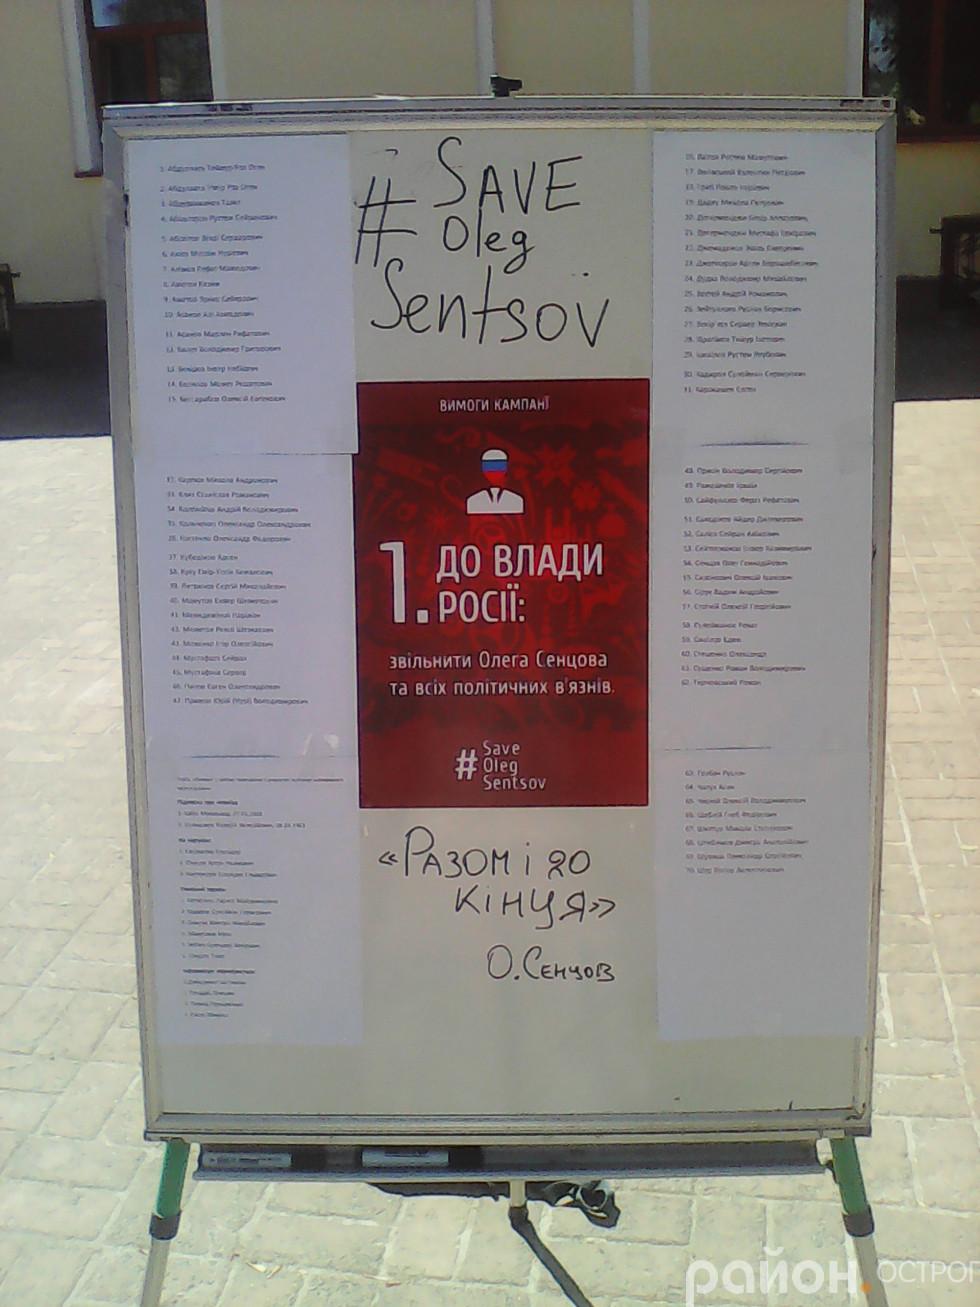 Згадували не тілько О. Сенцова, а й усіх політичних в'язнів